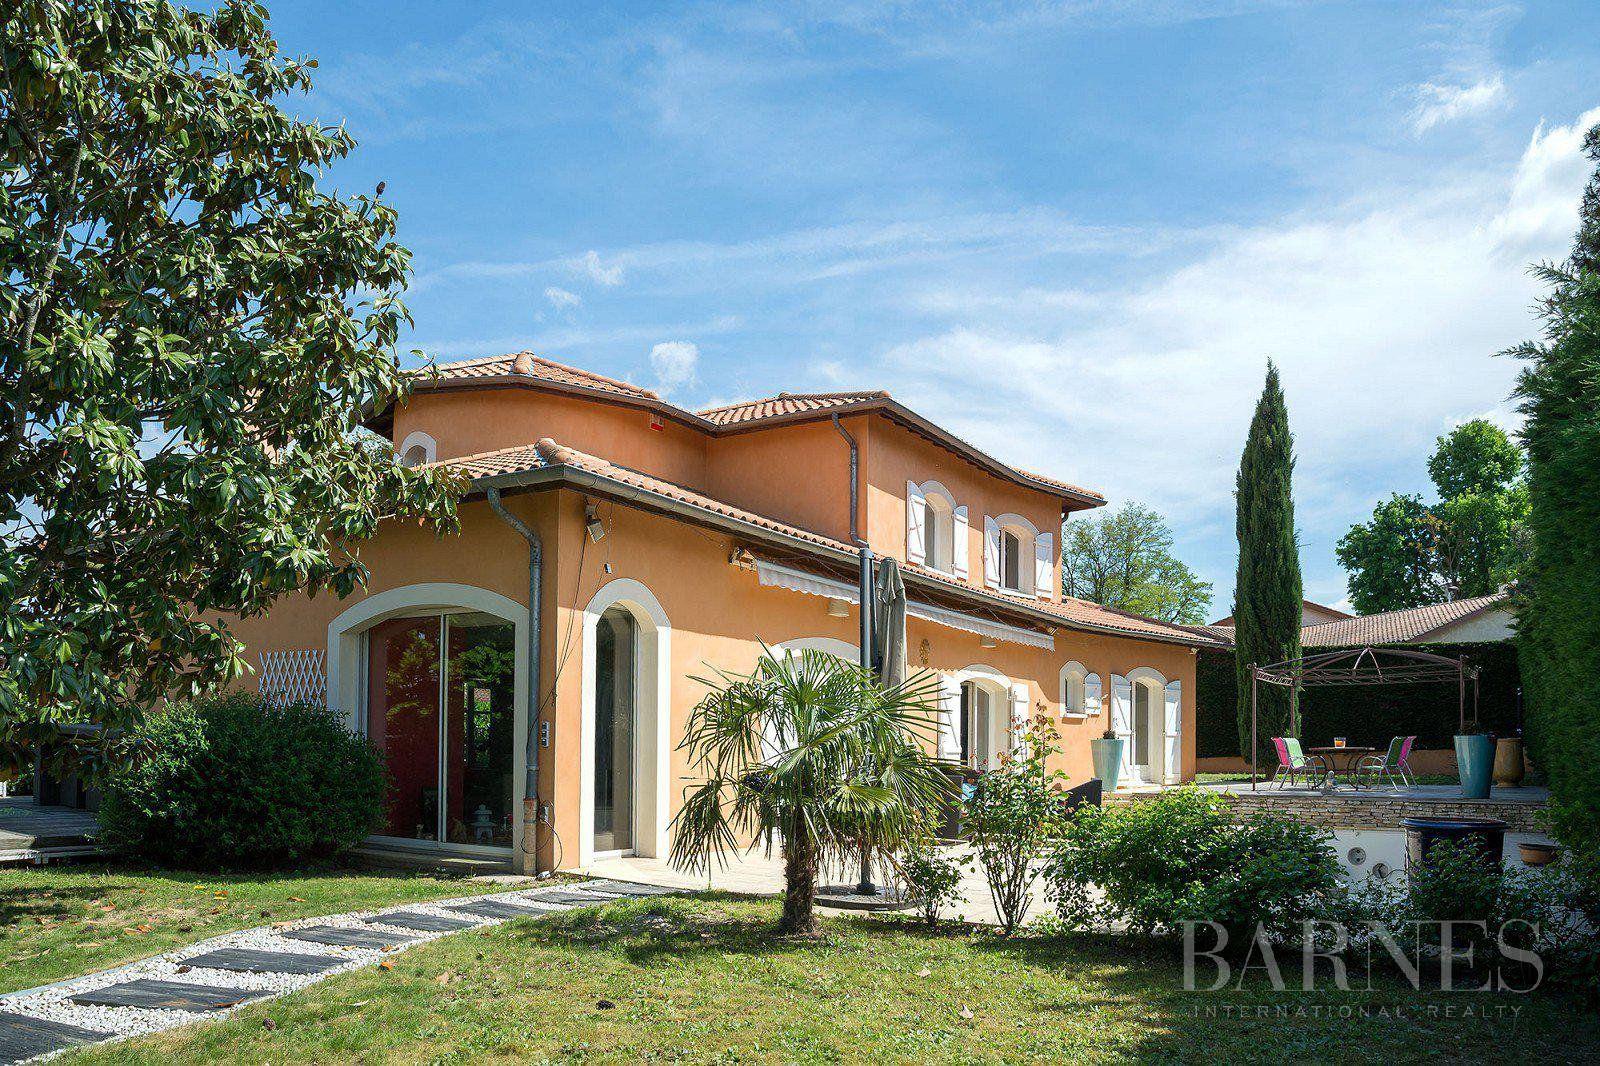 Saint-Bonnet-de-Mure - 220 sqm designer house - 900 sqm plot - 4 bedrooms